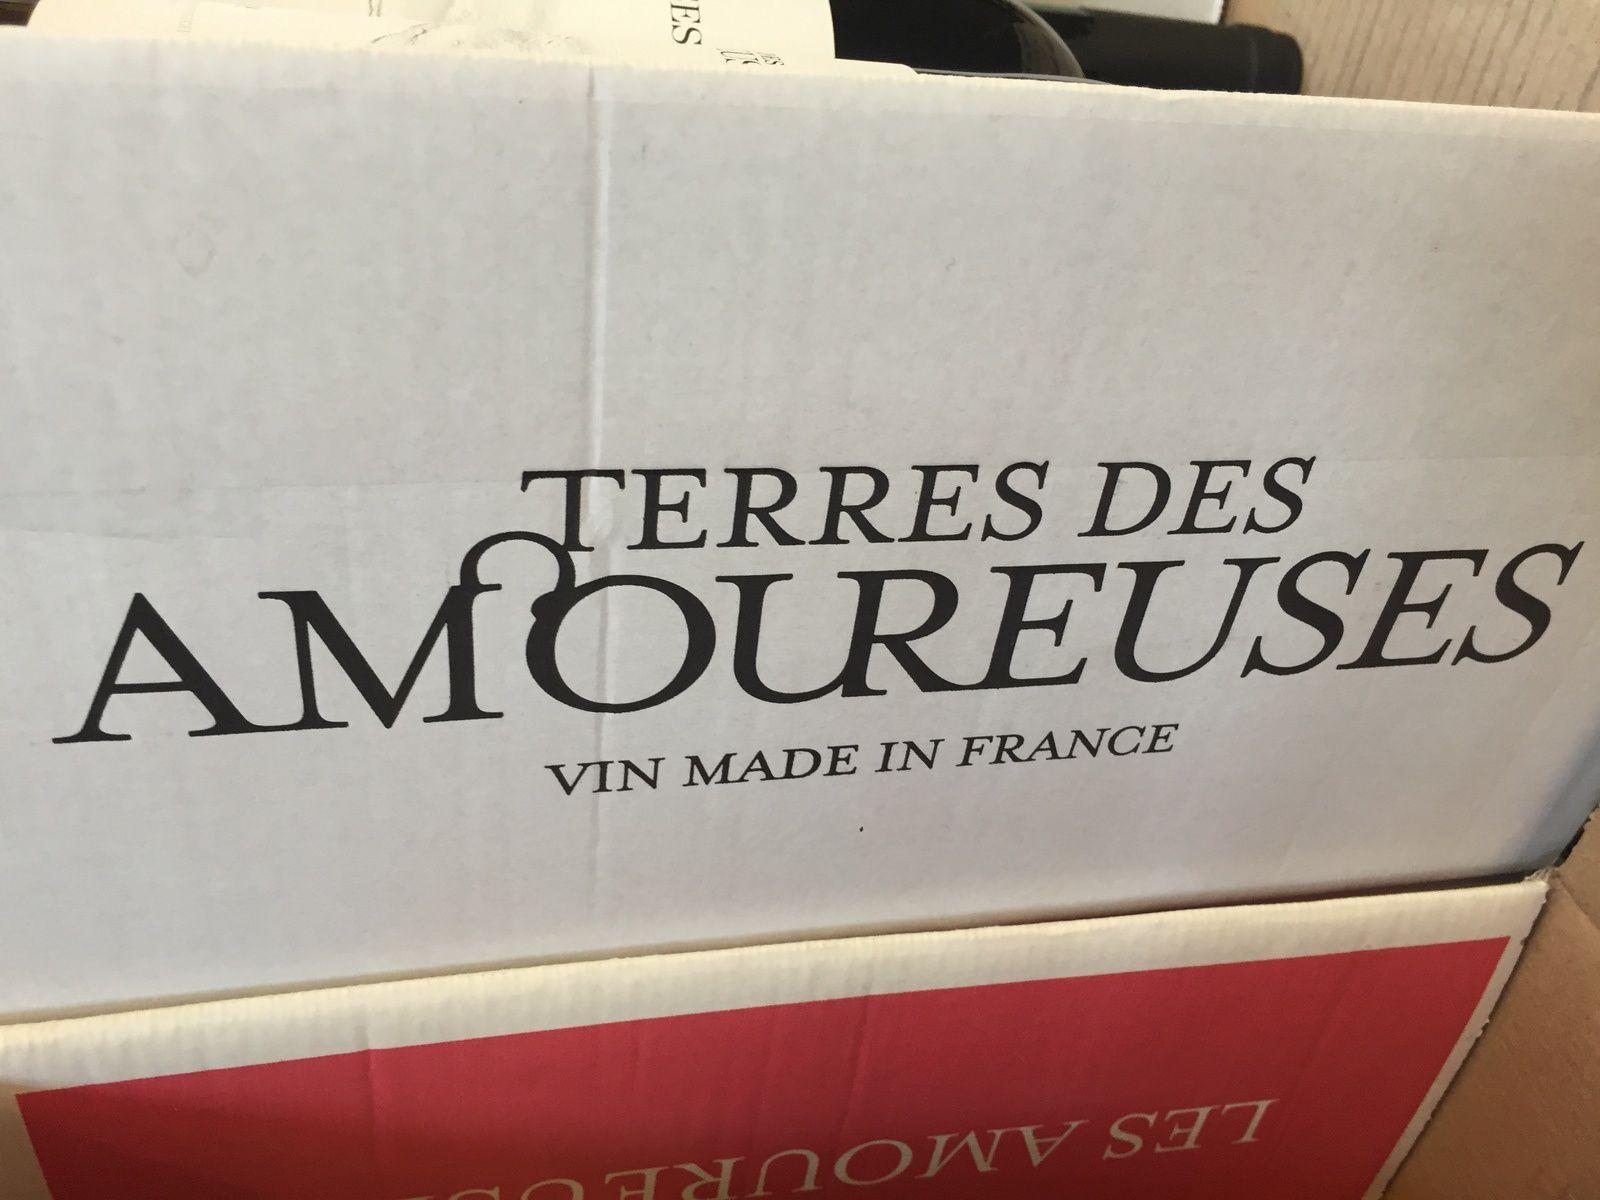 terre amoureuse domaine de vignoble, le vin qui rend amoureux sur charlotteblablablog